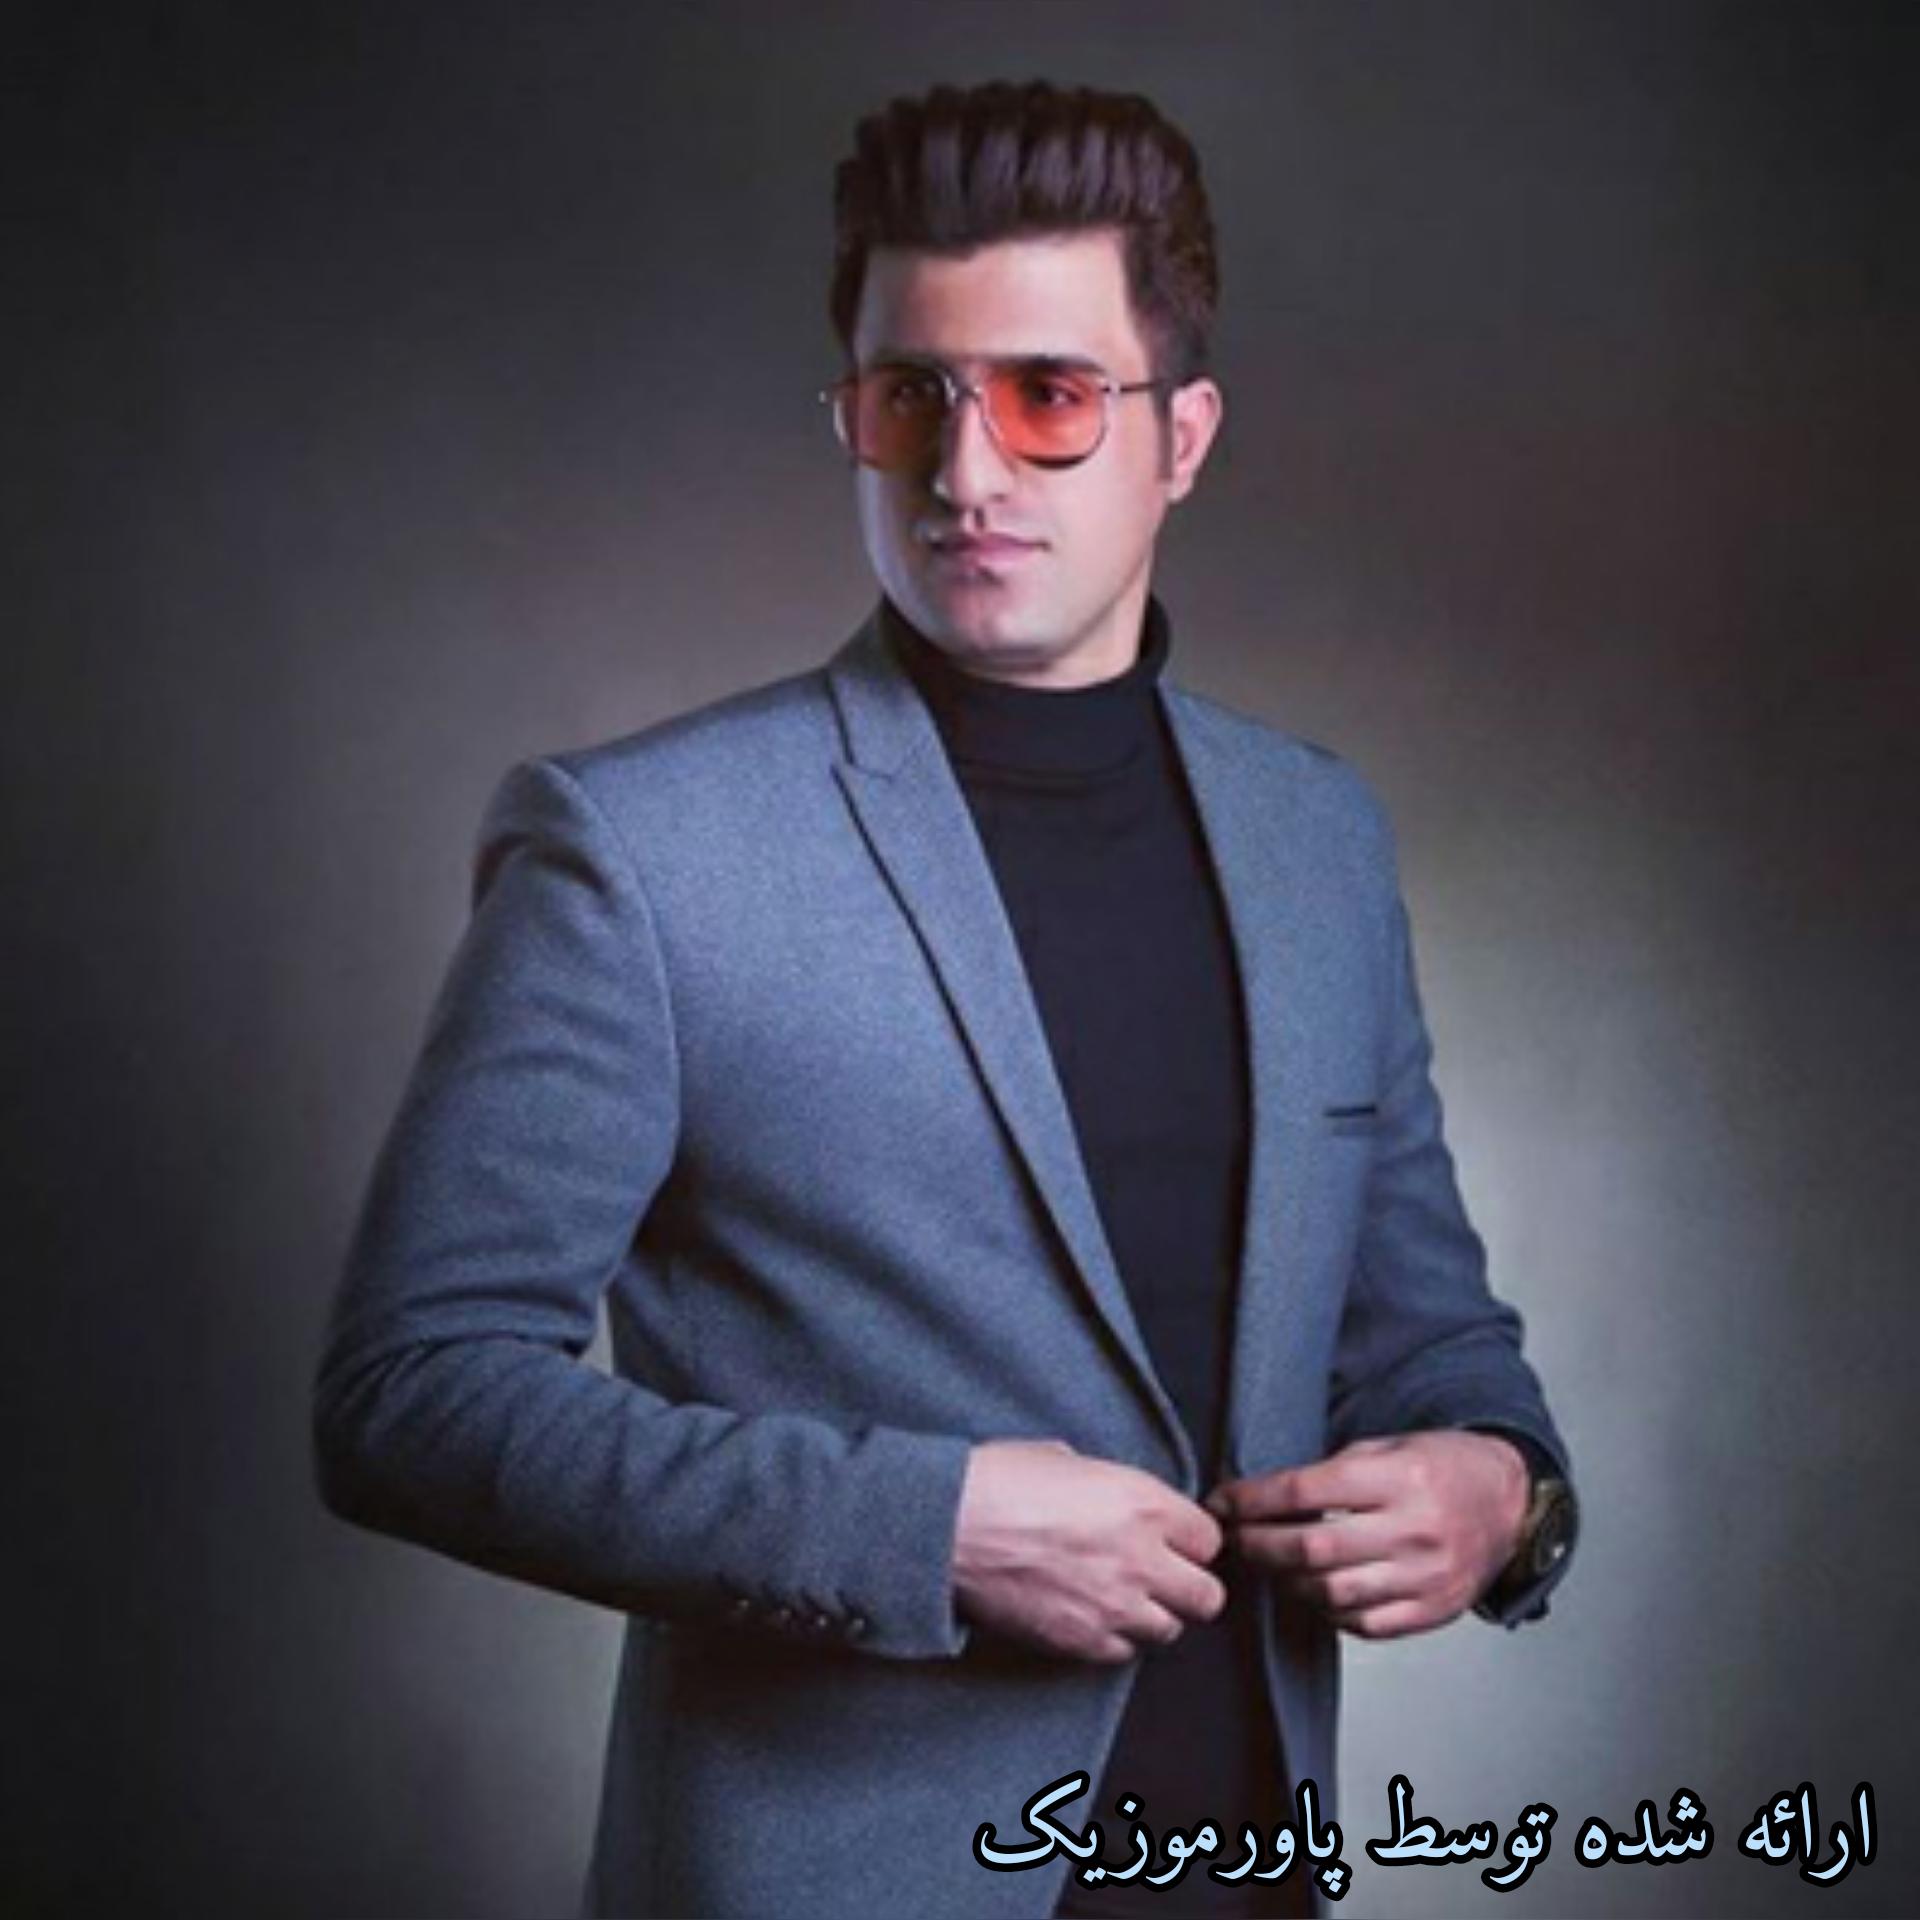 معروف ترین آهنگ های محسن لرستانی